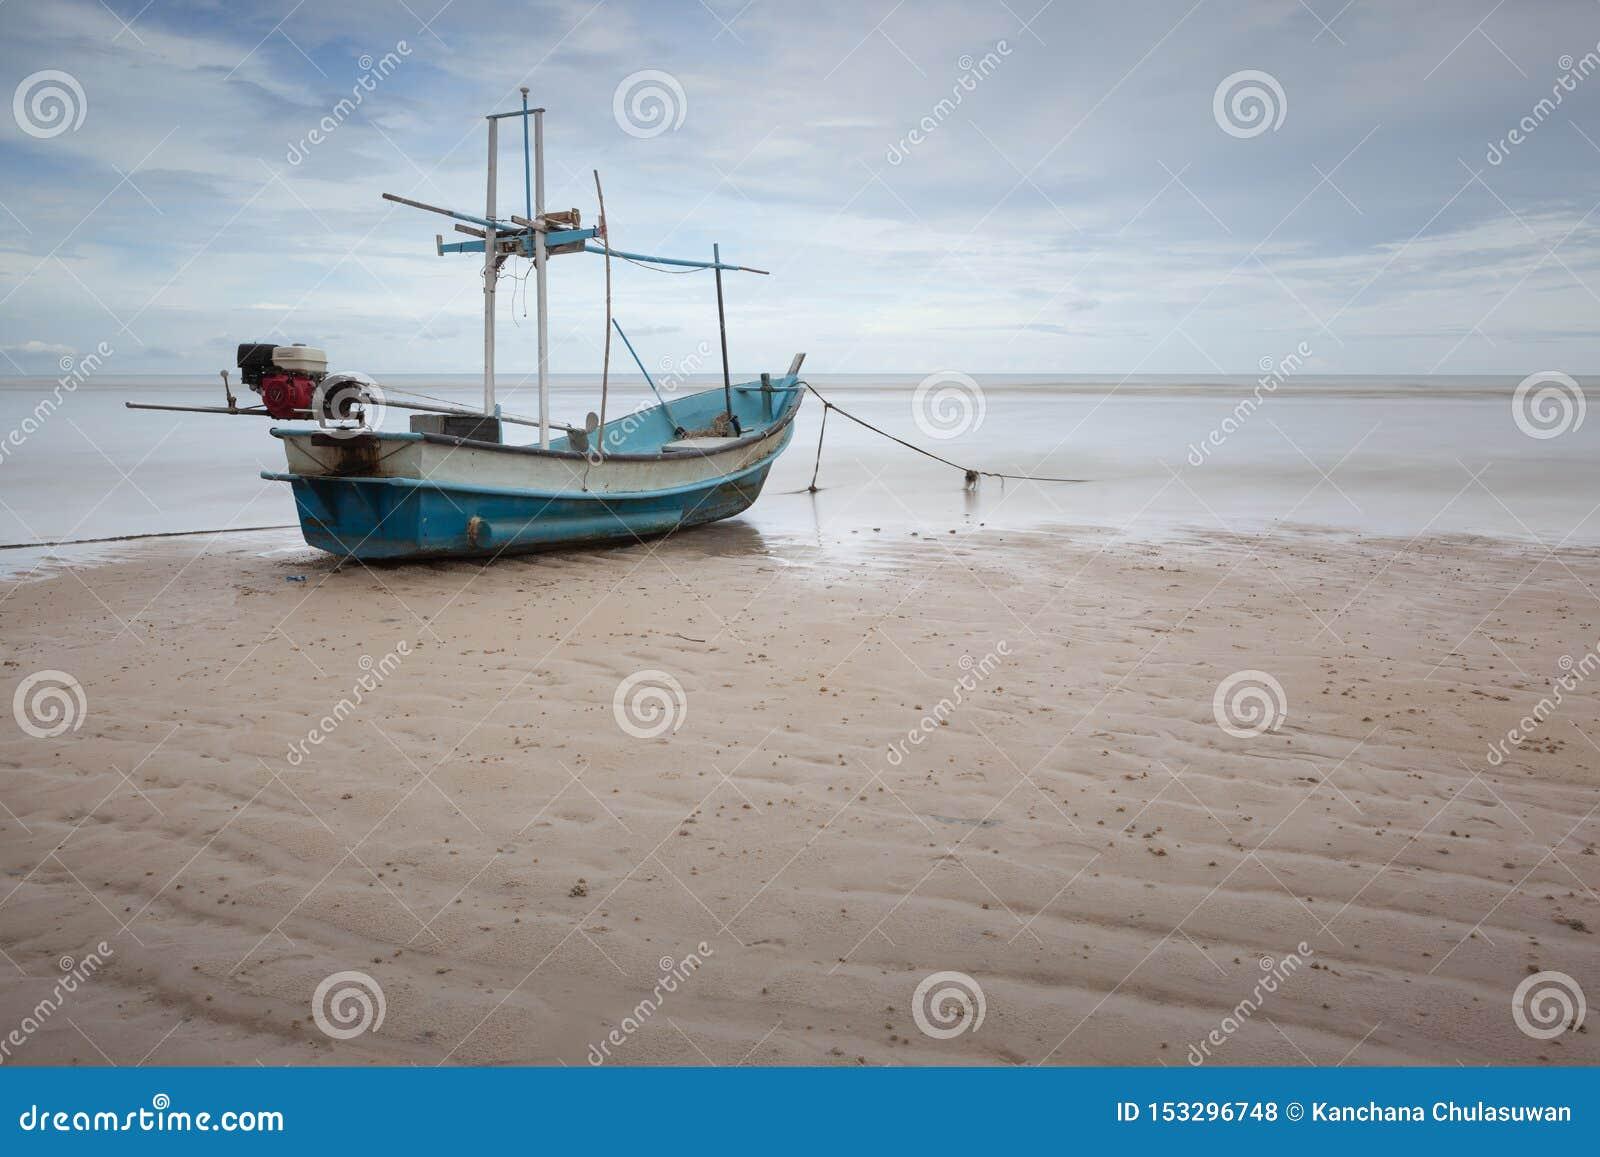 Ένα αλιευτικό σκάφος σε μια παραλία θαλασσίως